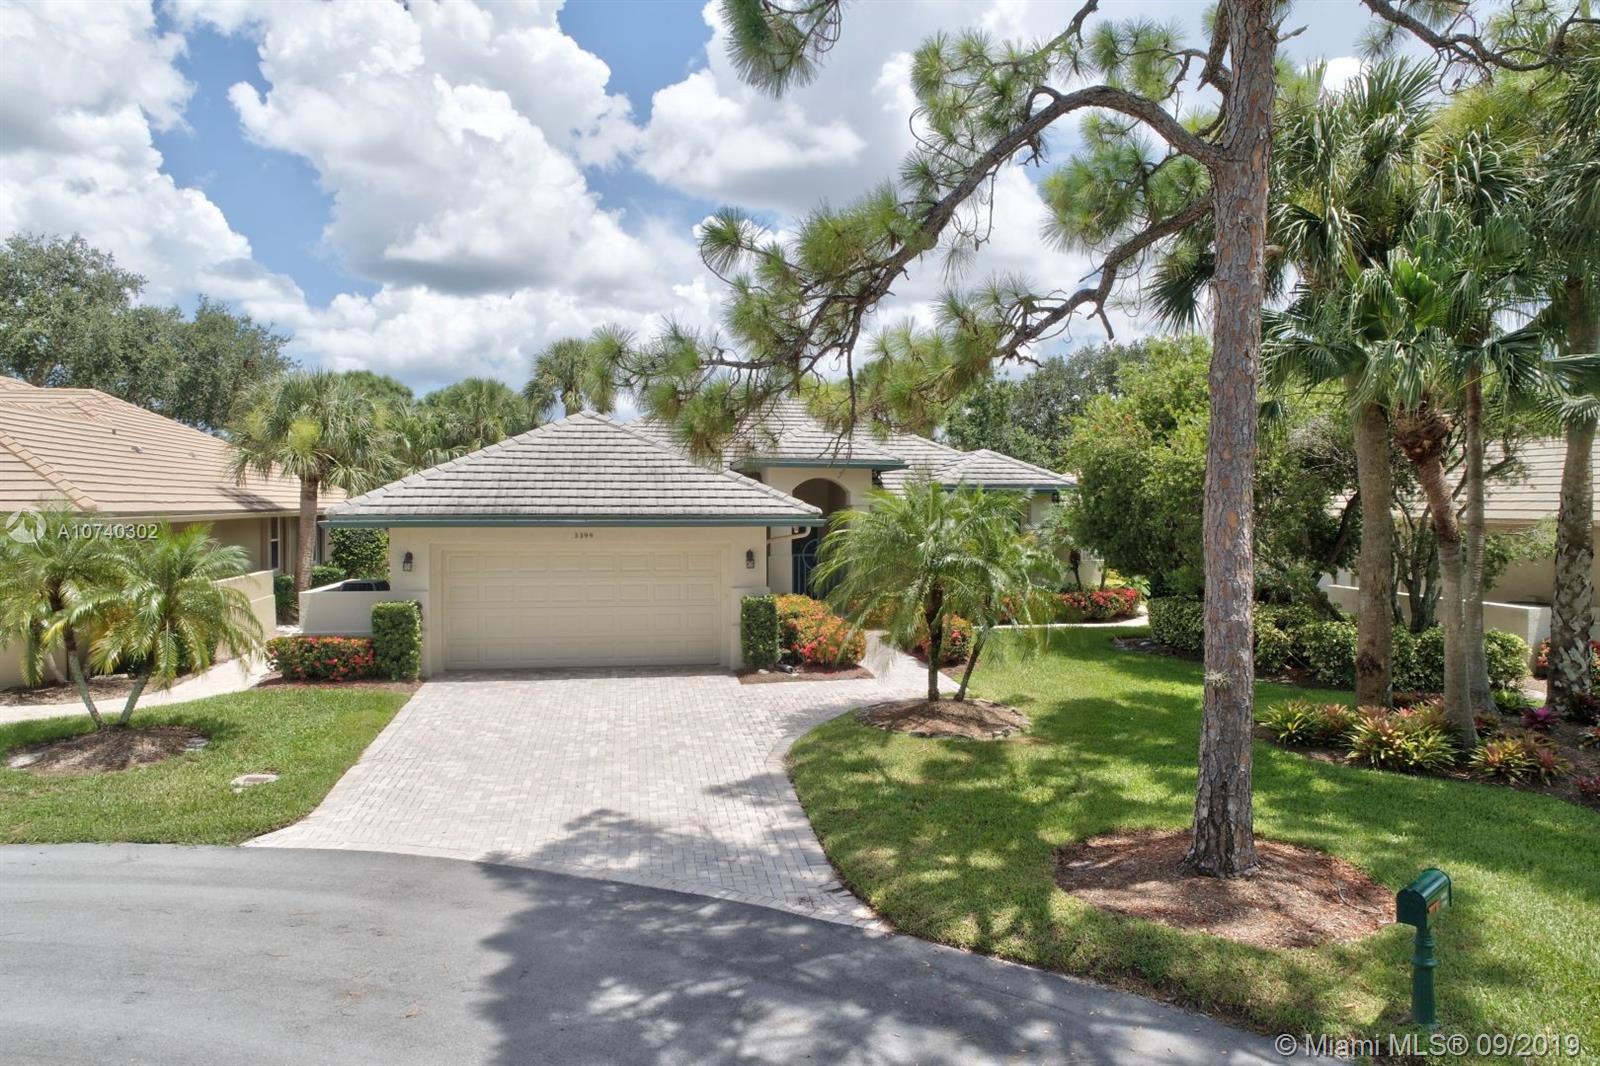 3399 SE Cambridge Dr, Stuart, FL 34997 - Stuart, FL real estate listing